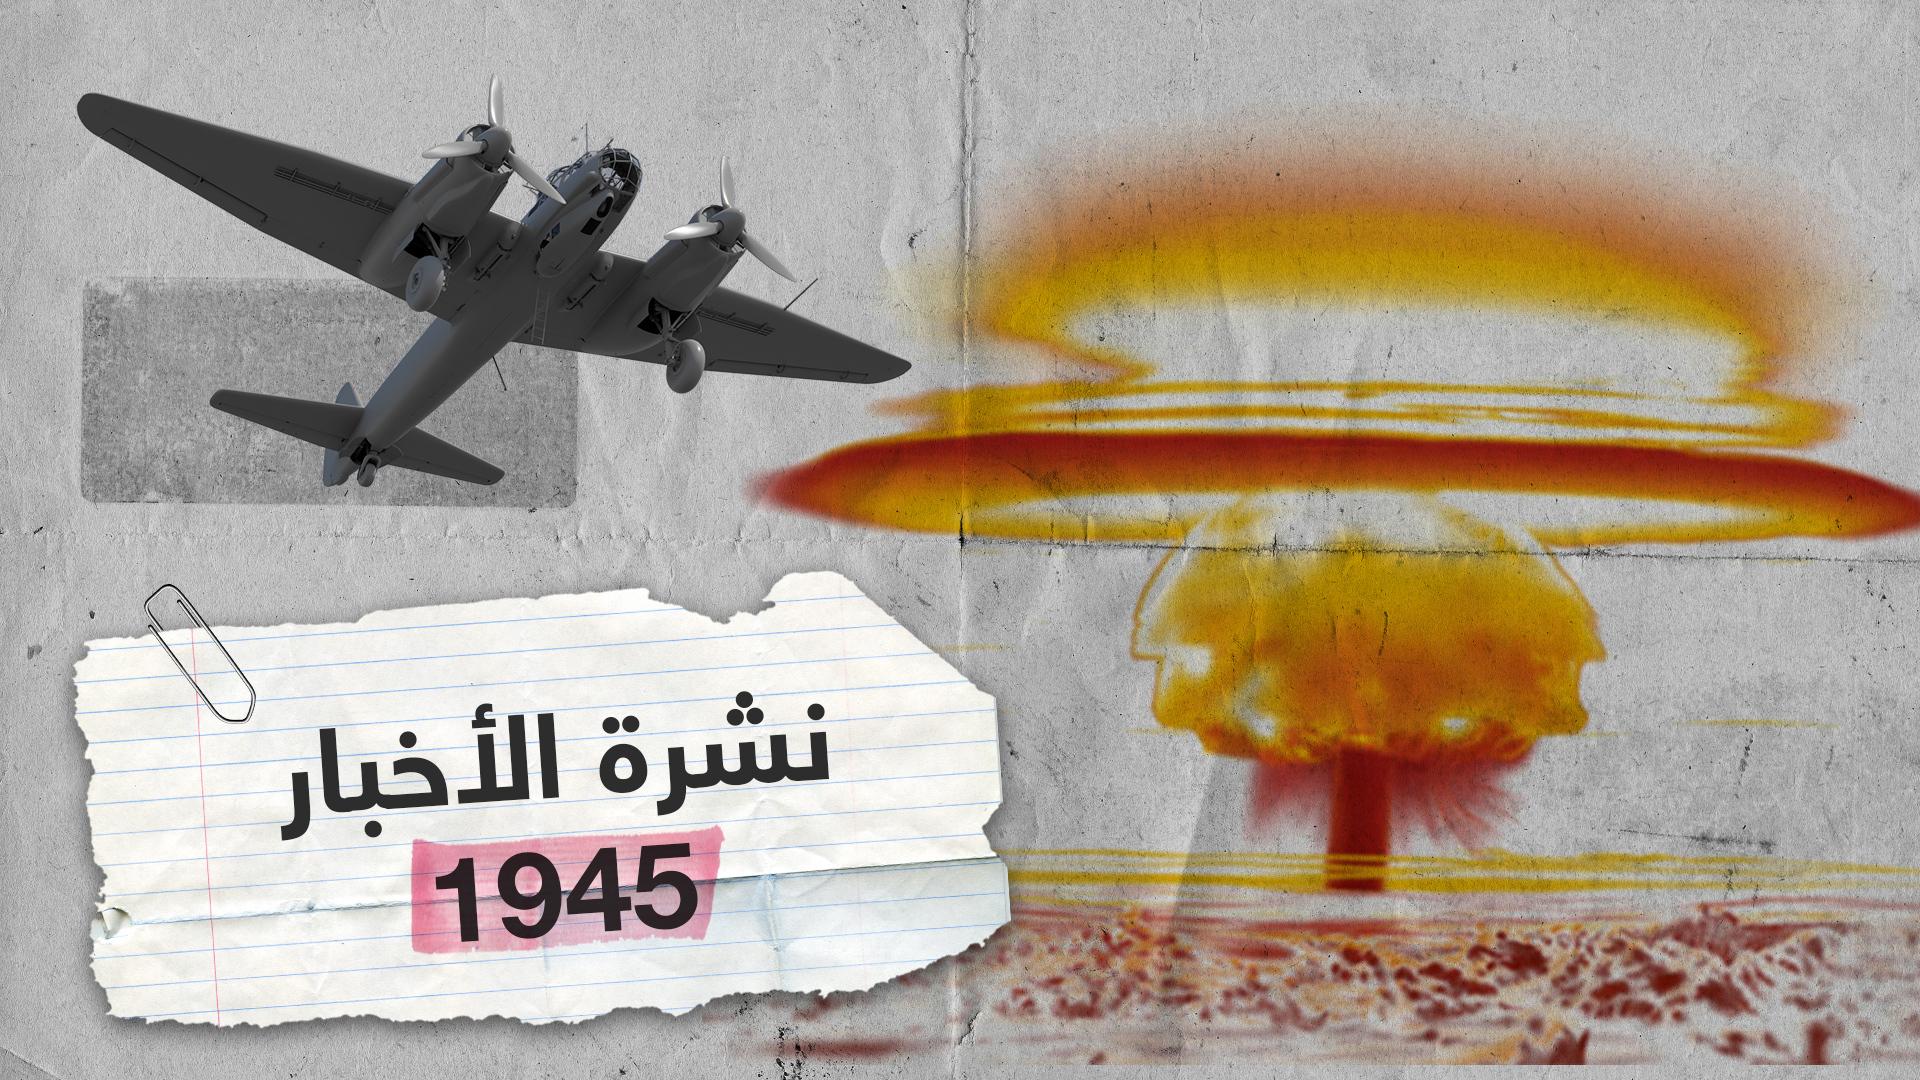 نشرة الأخبار عام 1945.. هكذا انتهت الحرب العالمية الثانية